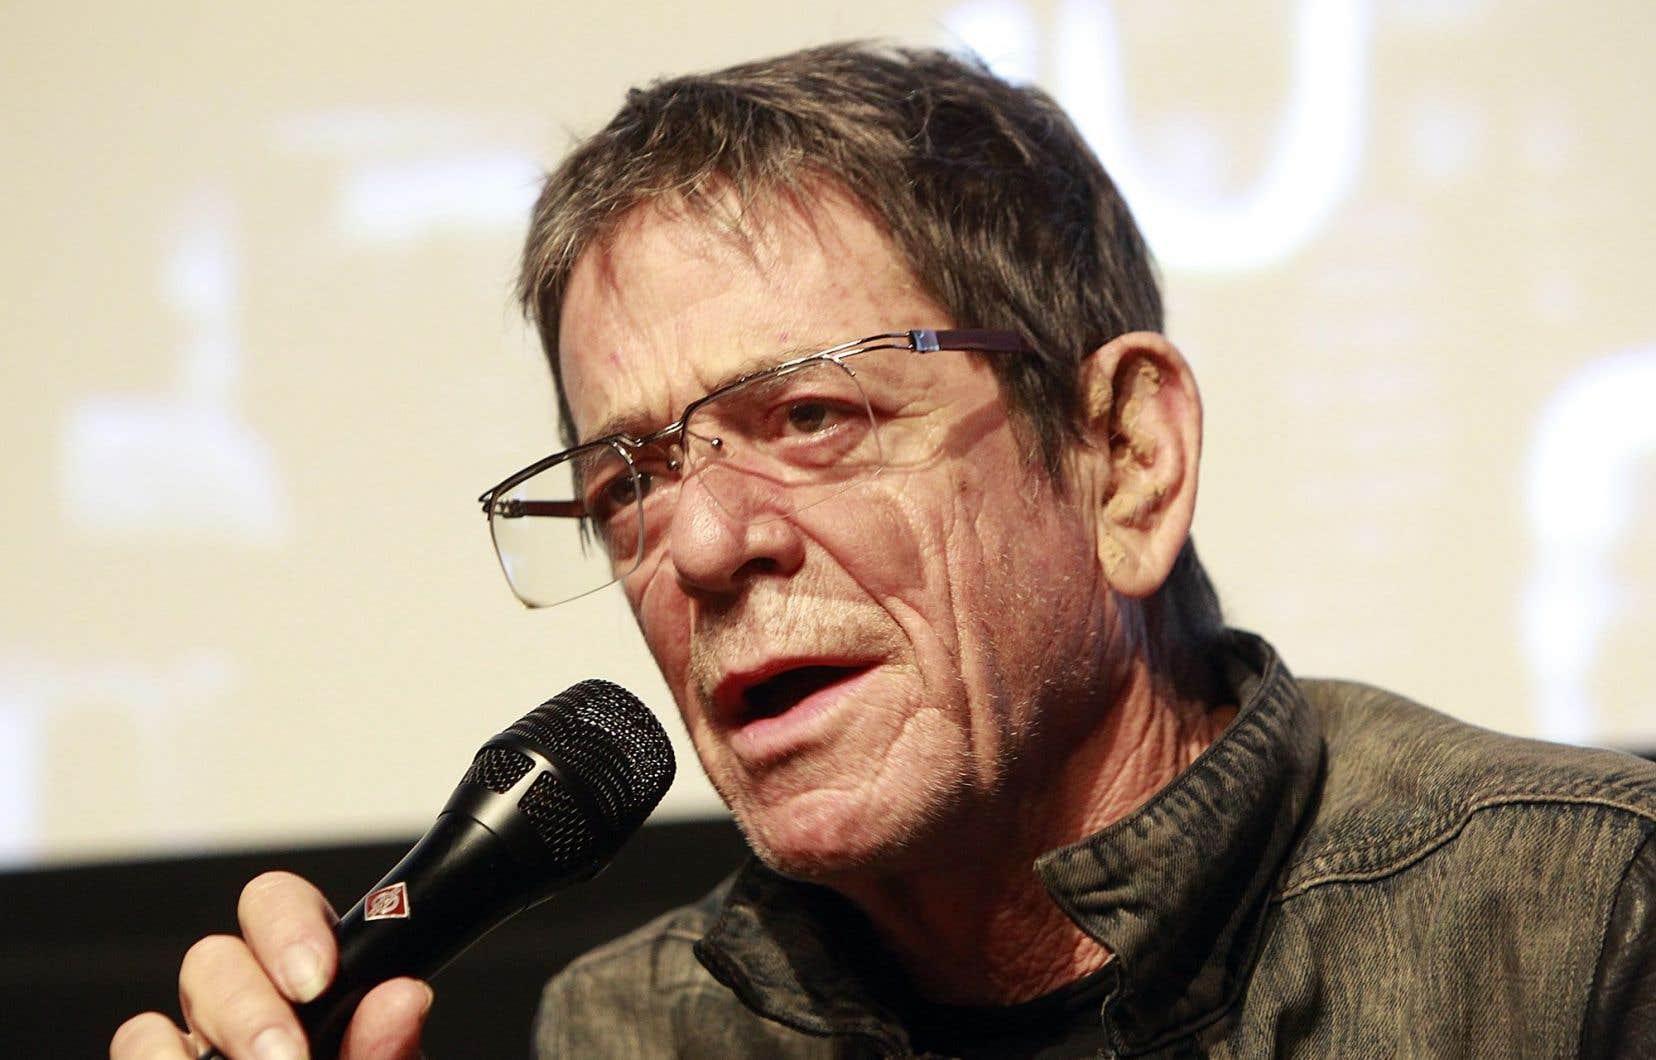 Lou Reed croqué par le photographe du<em> Devoir</em> lors de son dernier passage à Montréal, dans le cadre du Festival de Jazz de Montréal 2010.